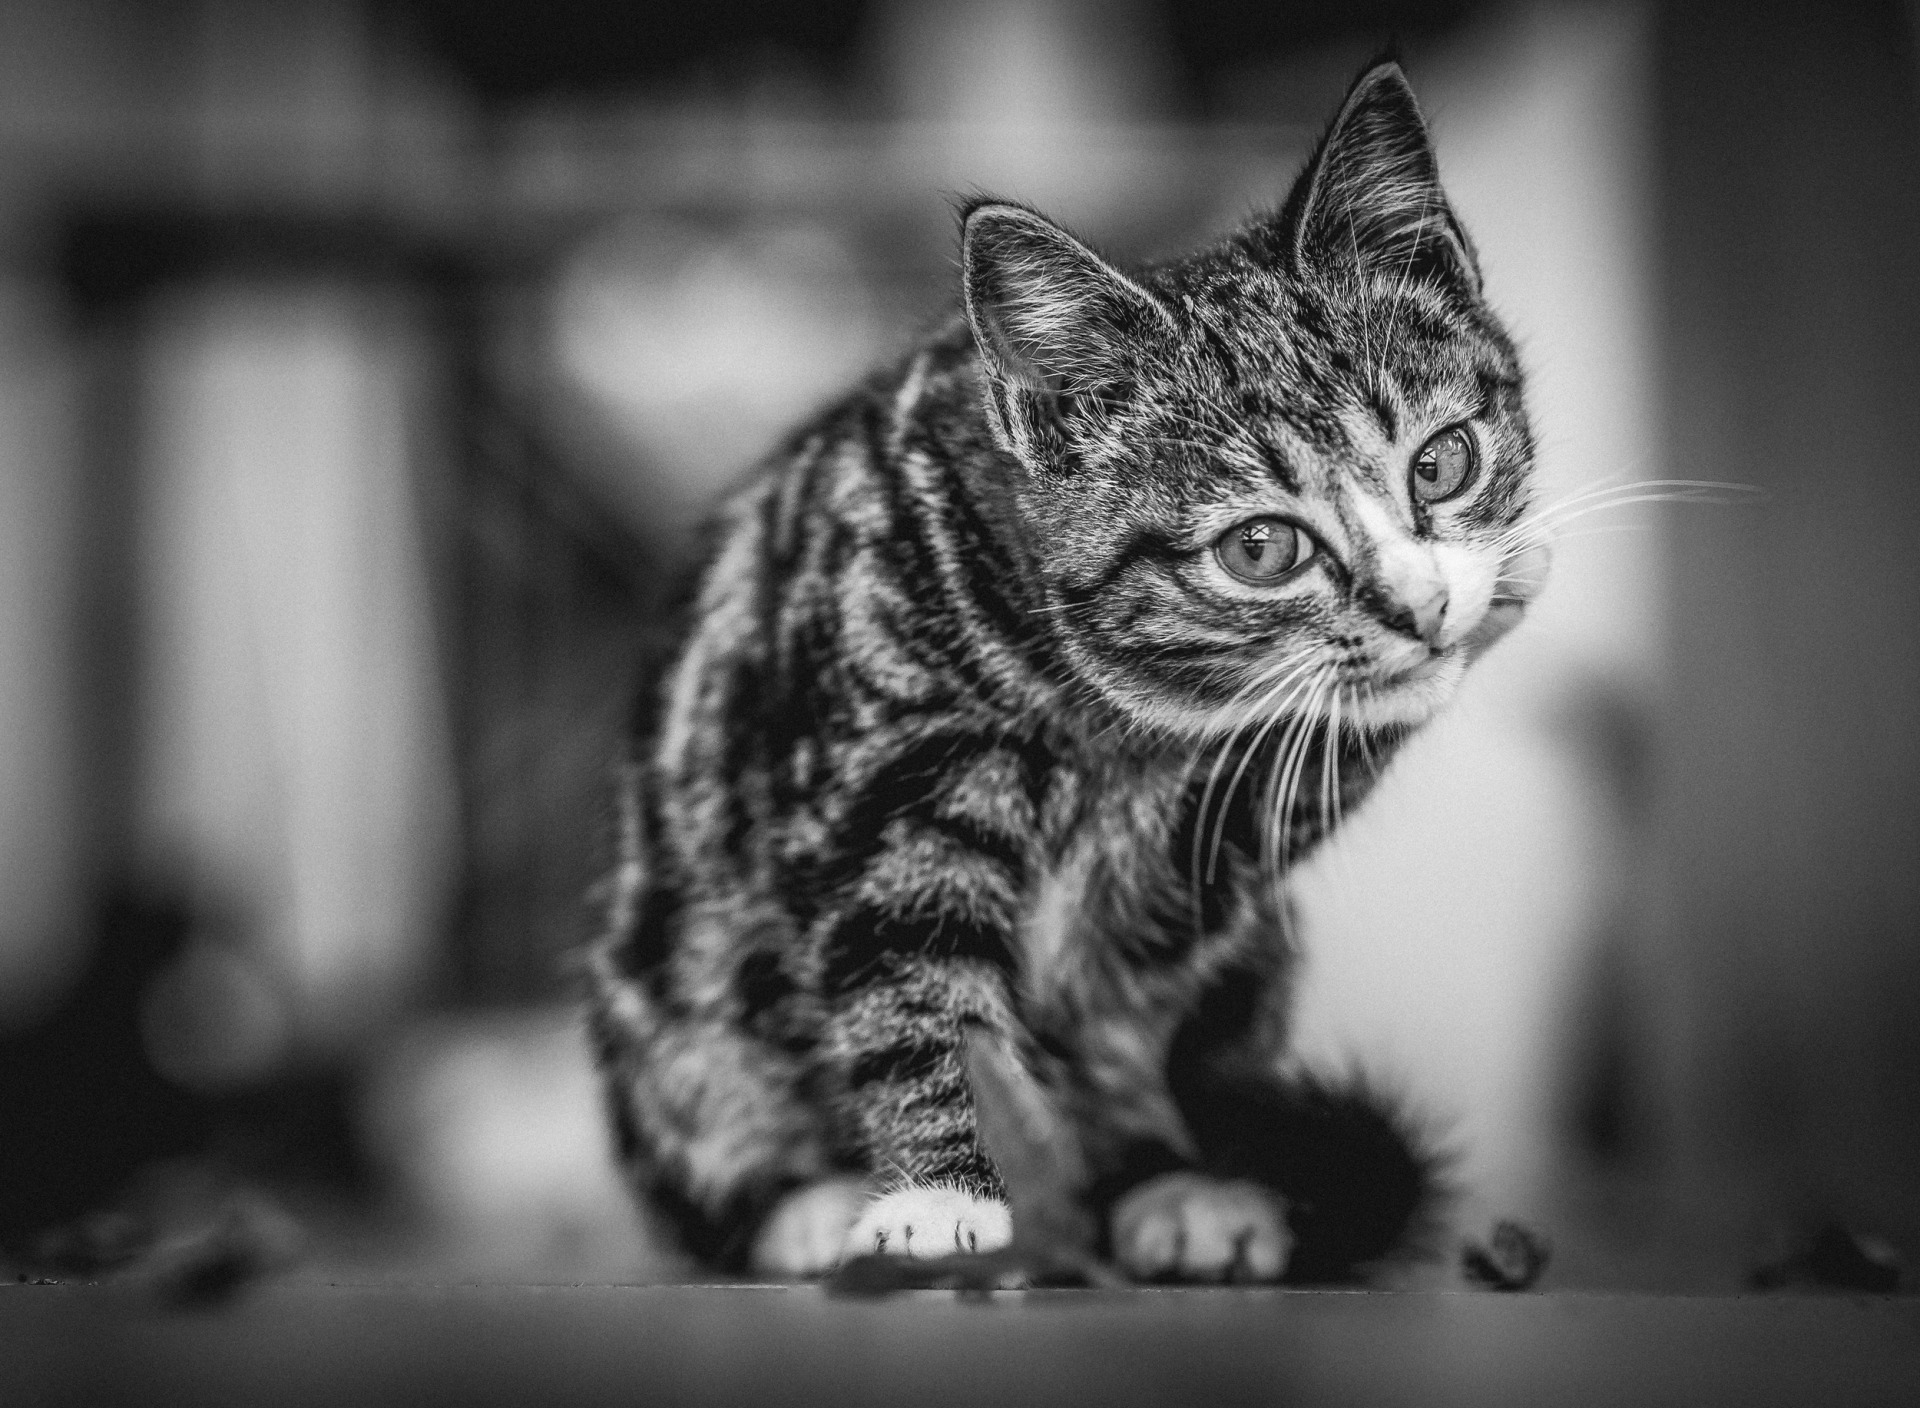 поток черно белые рисунки кошки фото структуре кишечника тонкая